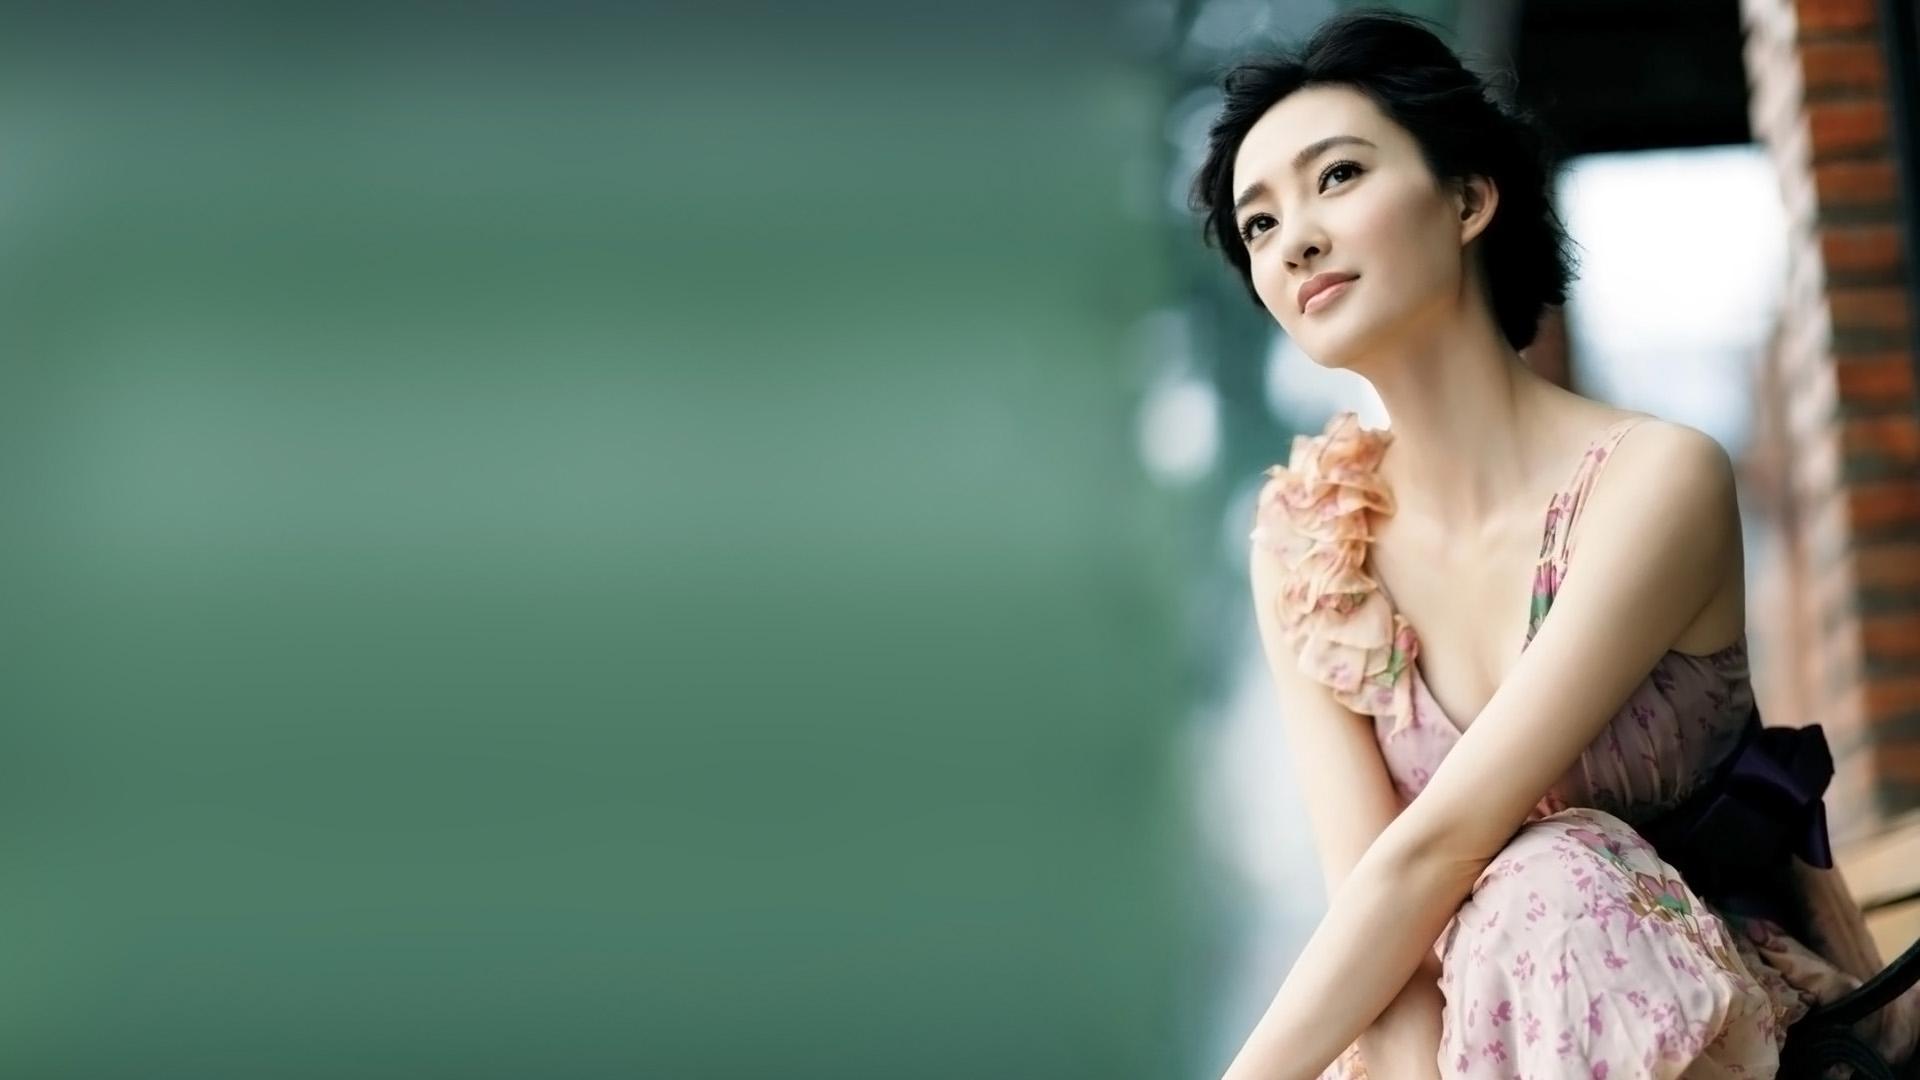 中国女明星-王丽坤(1920x1200)壁纸 - 桌面壁纸【壁纸